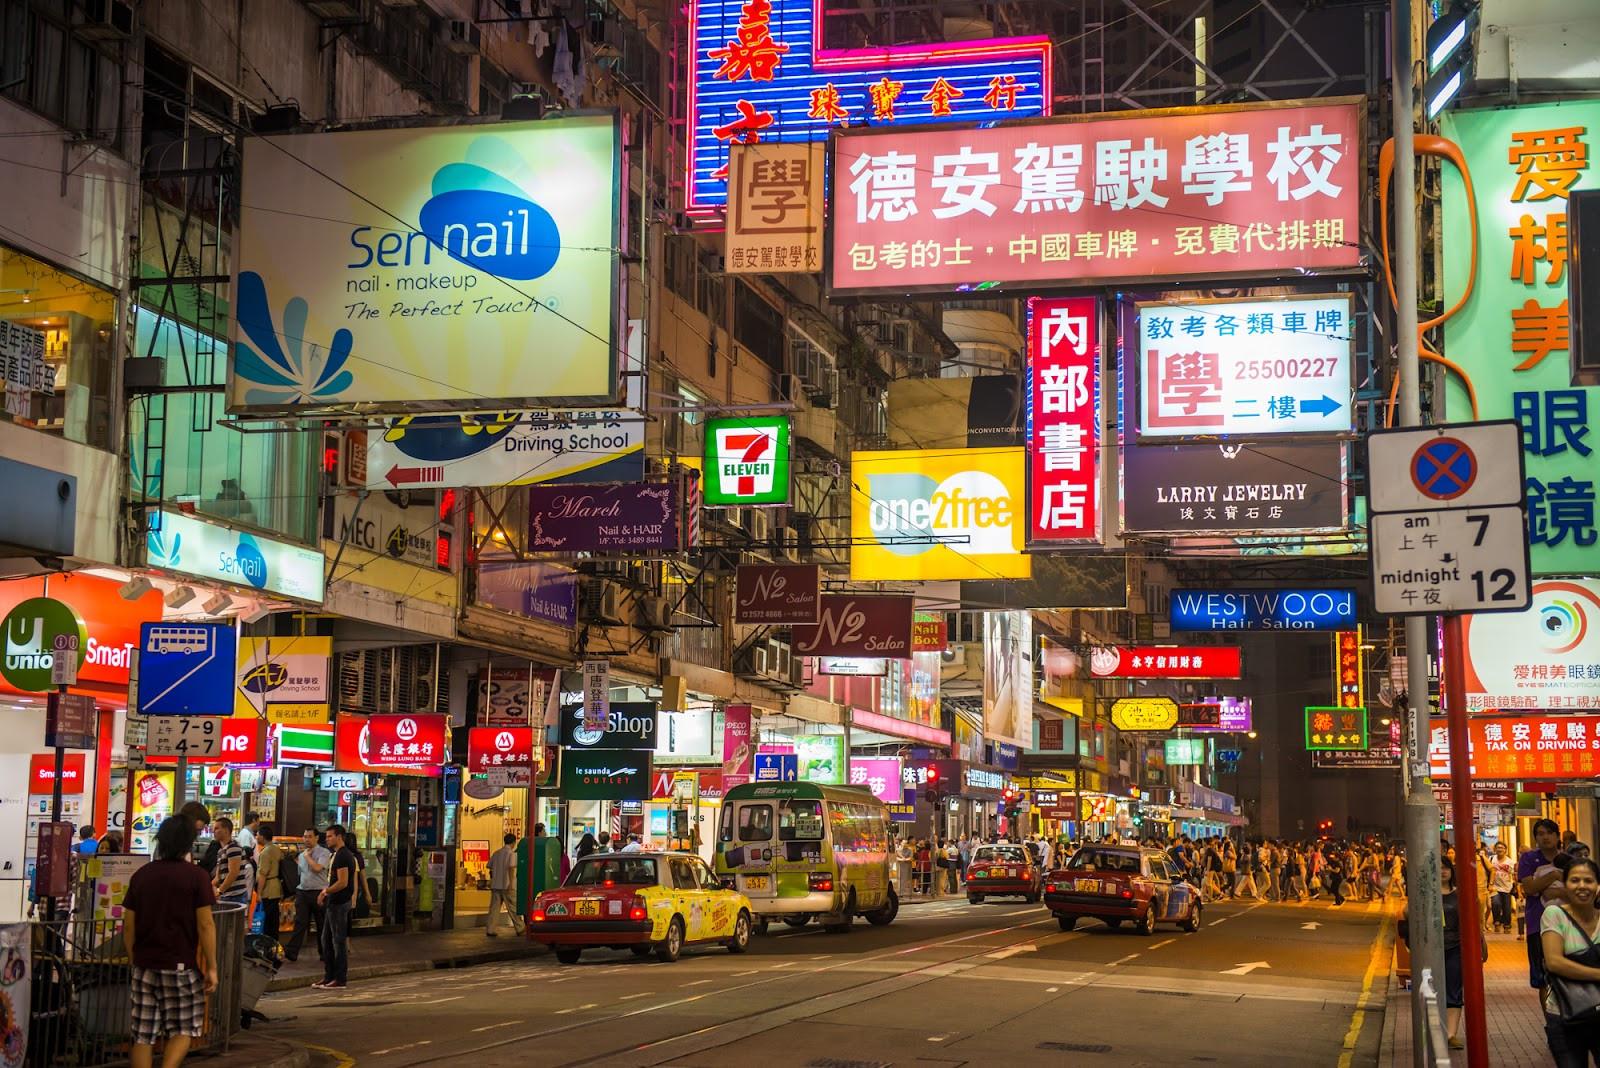 các chợ sỉ ở Trung Quốc